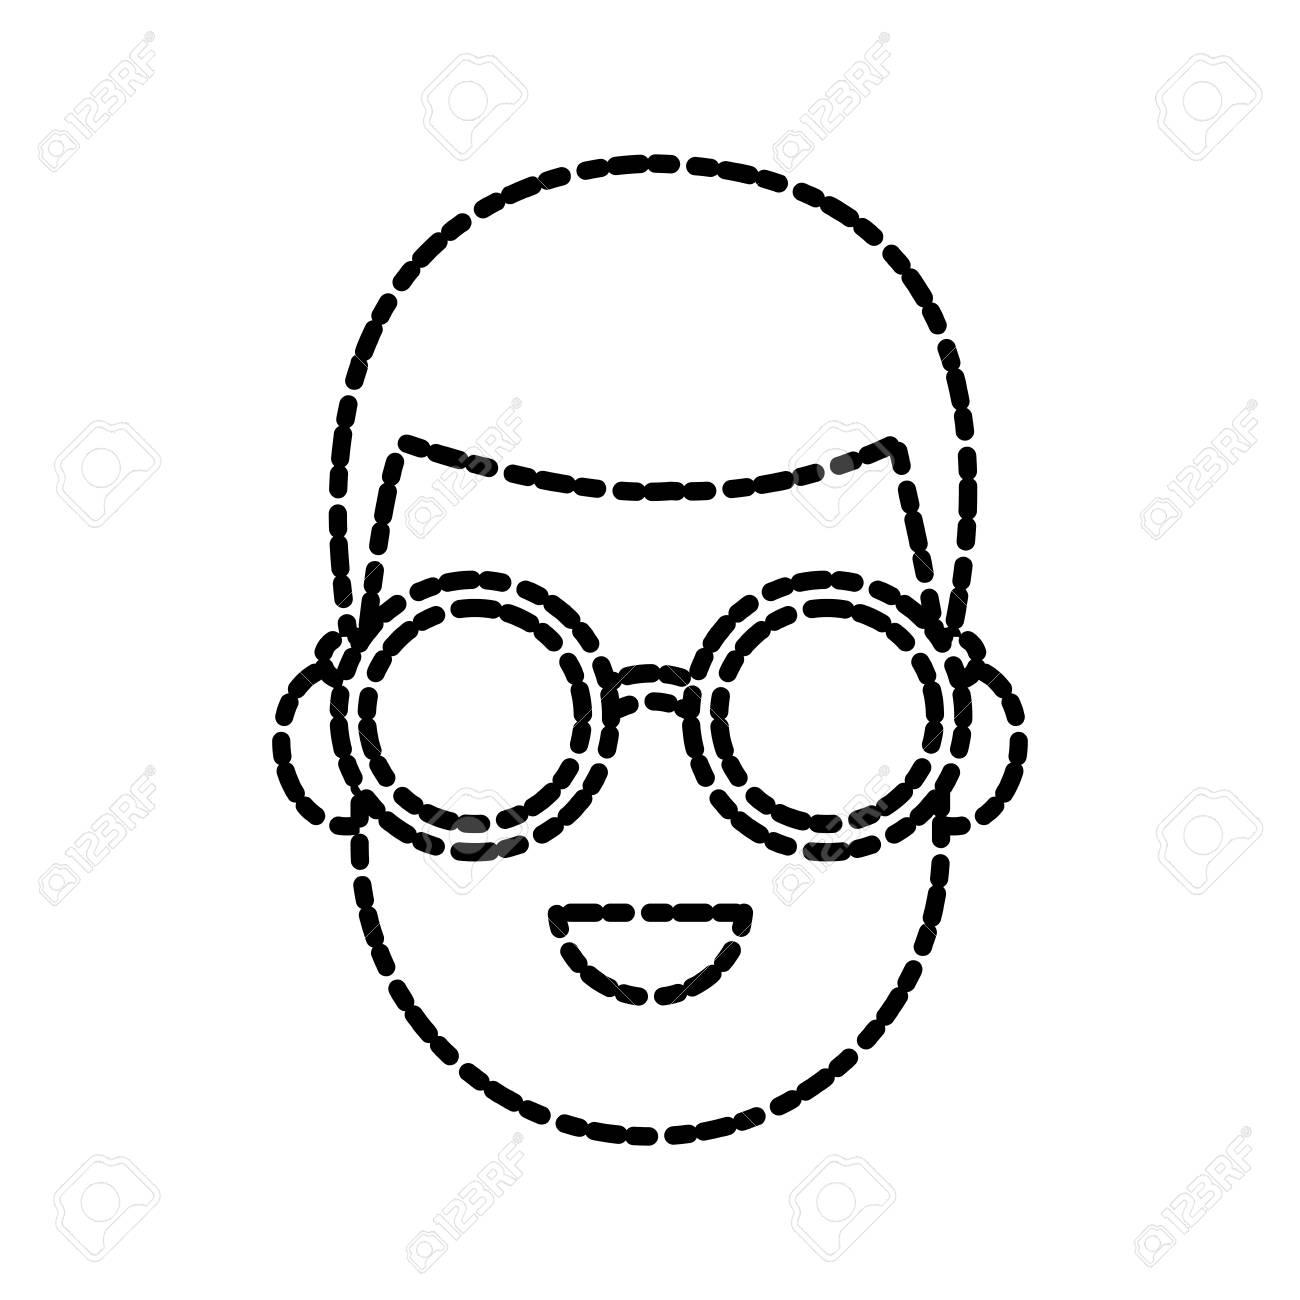 De Dibujos Con Icono Hombre Joven Animados Sol Ilustración La Diseño Gafas Vectorial Gráfico XiOkZuP